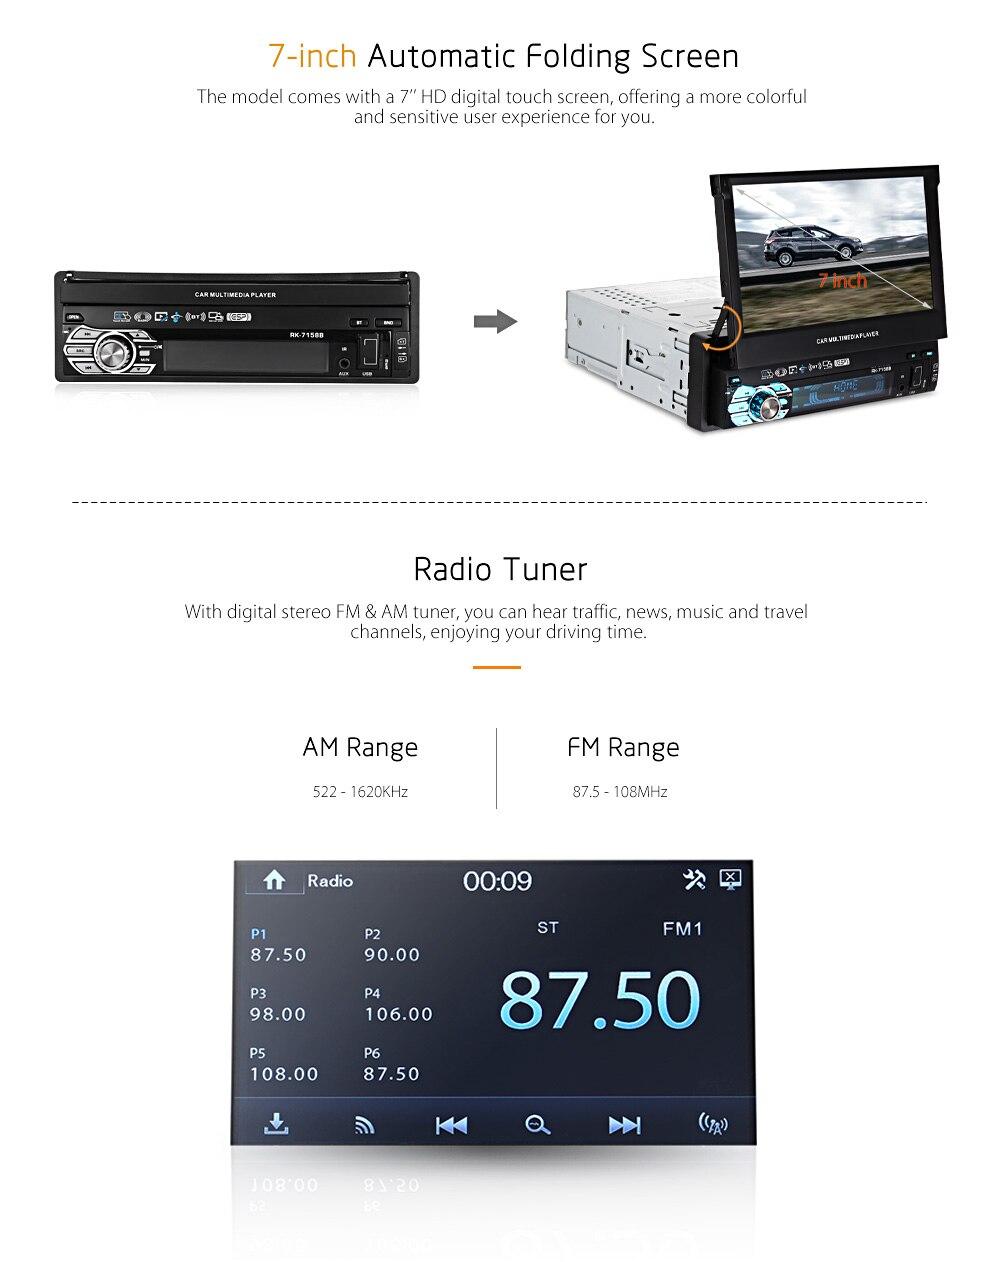 Универсальный 7 дюймов Автоматический Складной автомобильный мультимедийный плеер Bluetooth AM, FM радио Зеркало Ссылка автомобиля MP5 игроков пул...